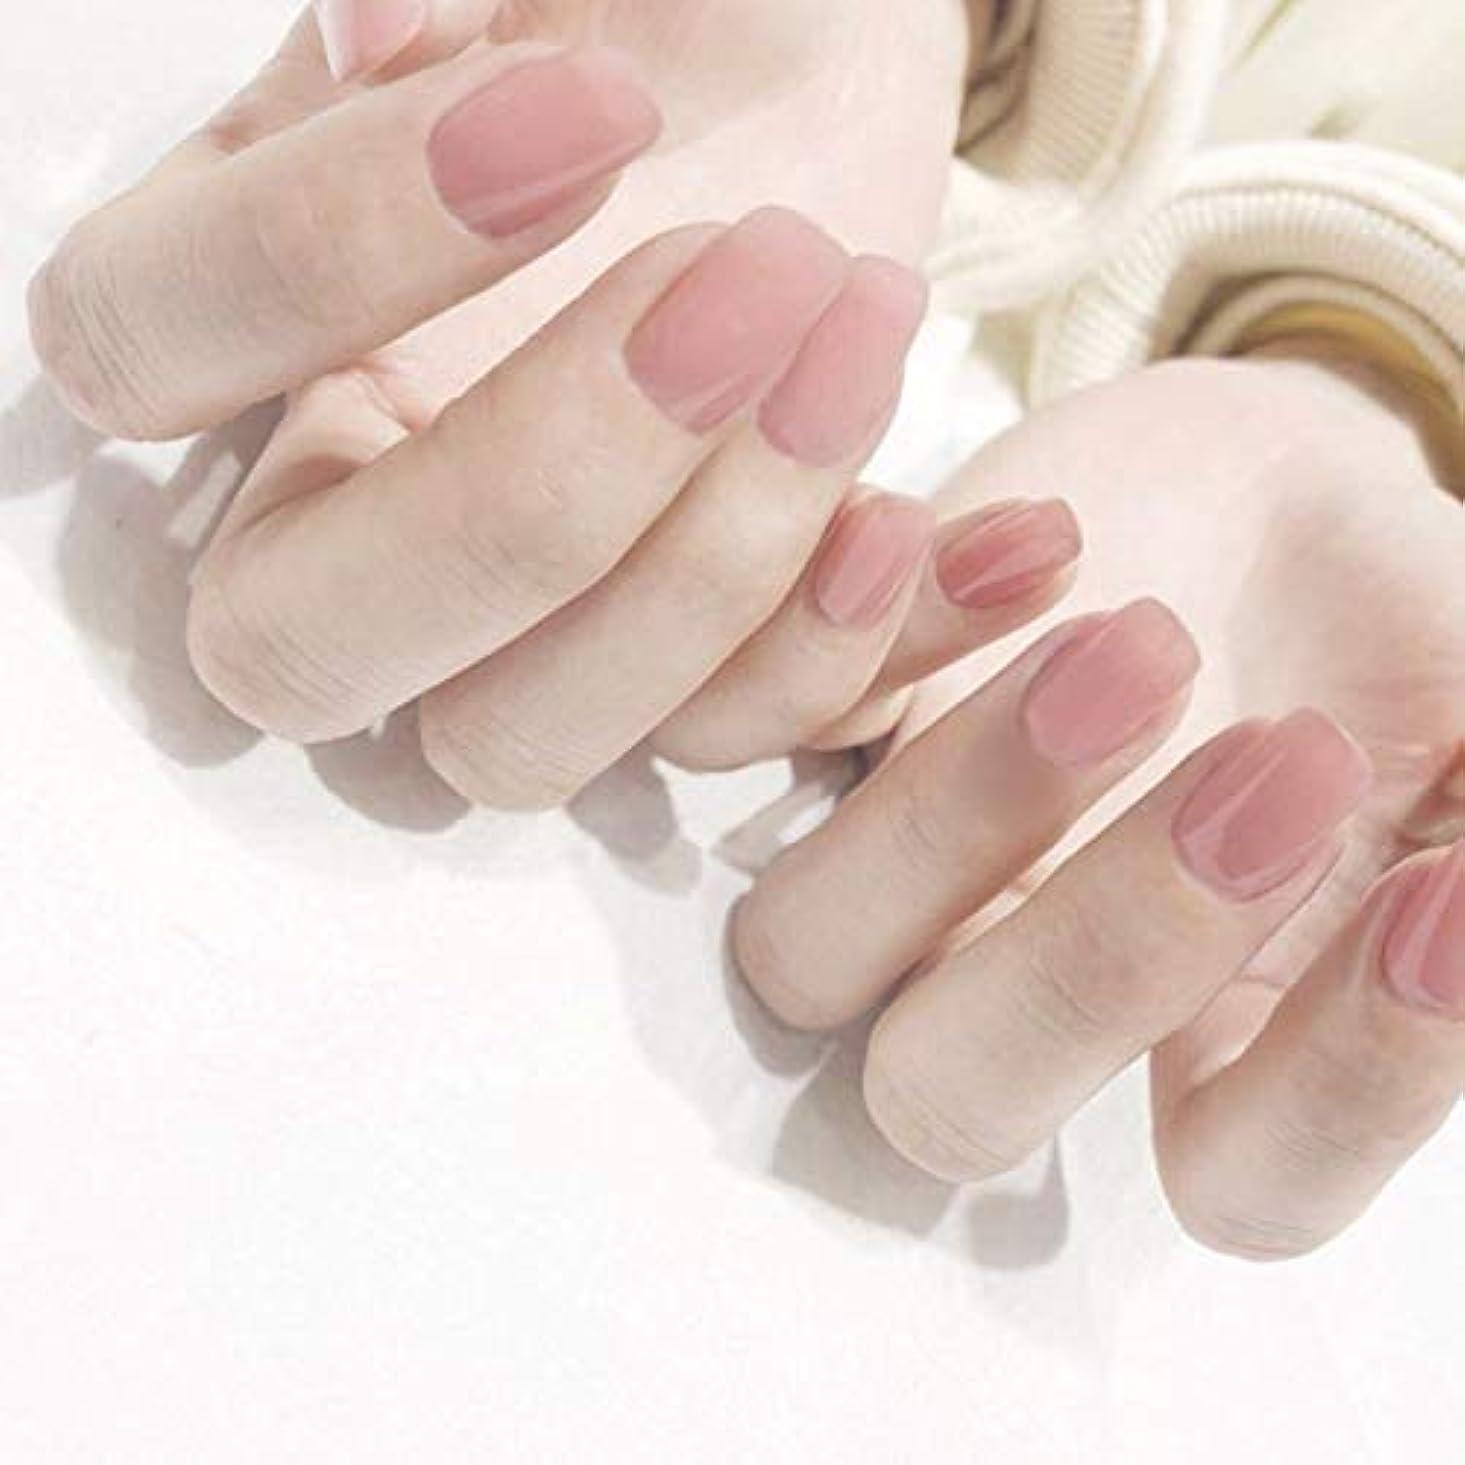 慈悲強調するフライト入学式 入園式 結婚式、パーティー、二次会など 手作りネイルチップ 和装 ネイル 明るい色 エレガントな気質 無地ネイルチップ 24pcs 優雅 透明 ゼリー 短い 無地 可愛い ウェディング ブライダル (ピンク)